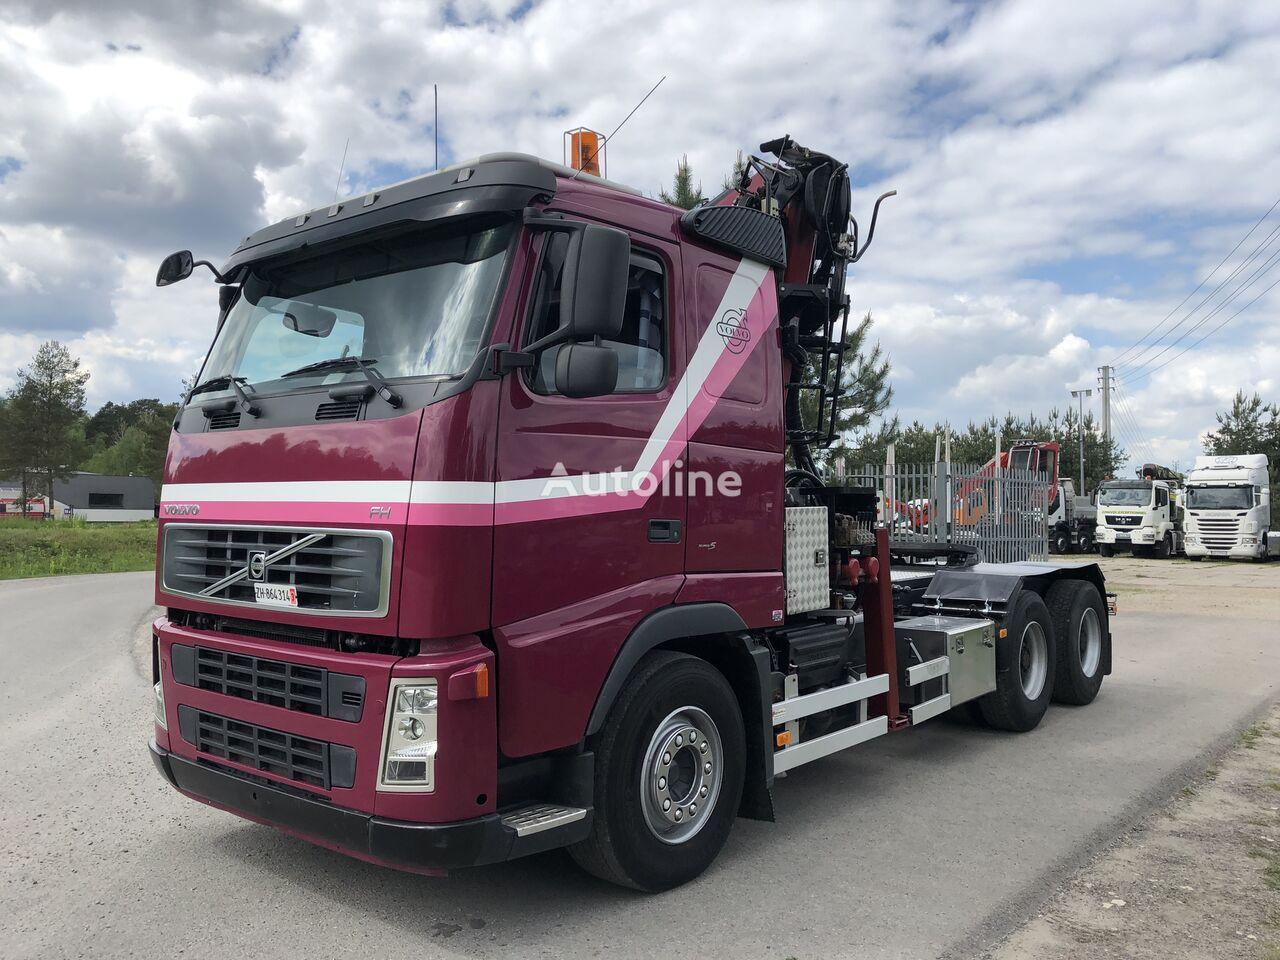 VOLVO FH 13 480KM 6x4 ciągnik siodłowy z dzwigiem LIV z 2015 roku SPRO timber truck + timber trailer